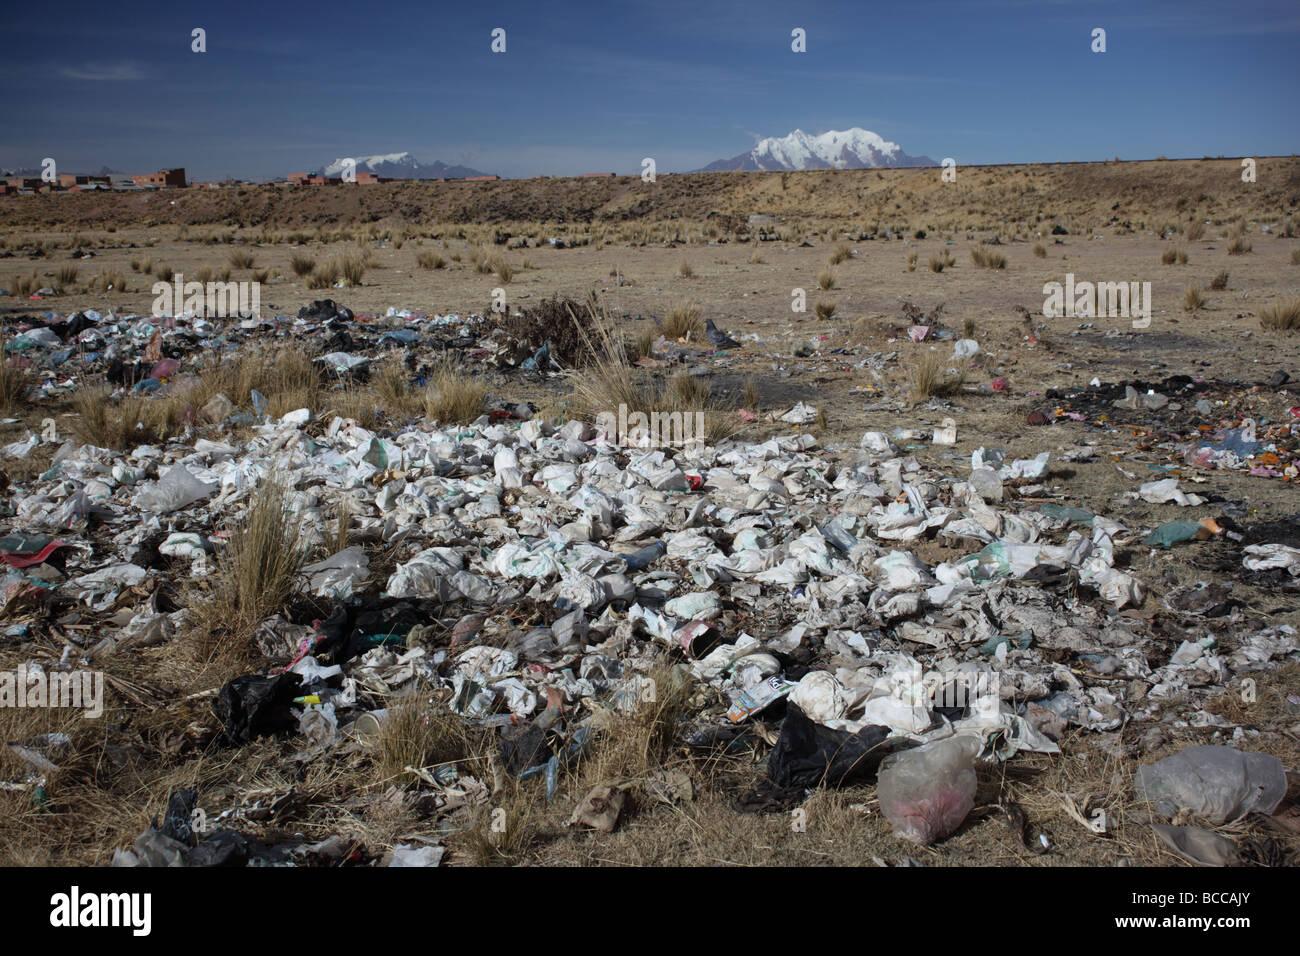 Waste disposable nappies, Mt Illimani in background, Viacha, near La Paz, Bolivia - Stock Image